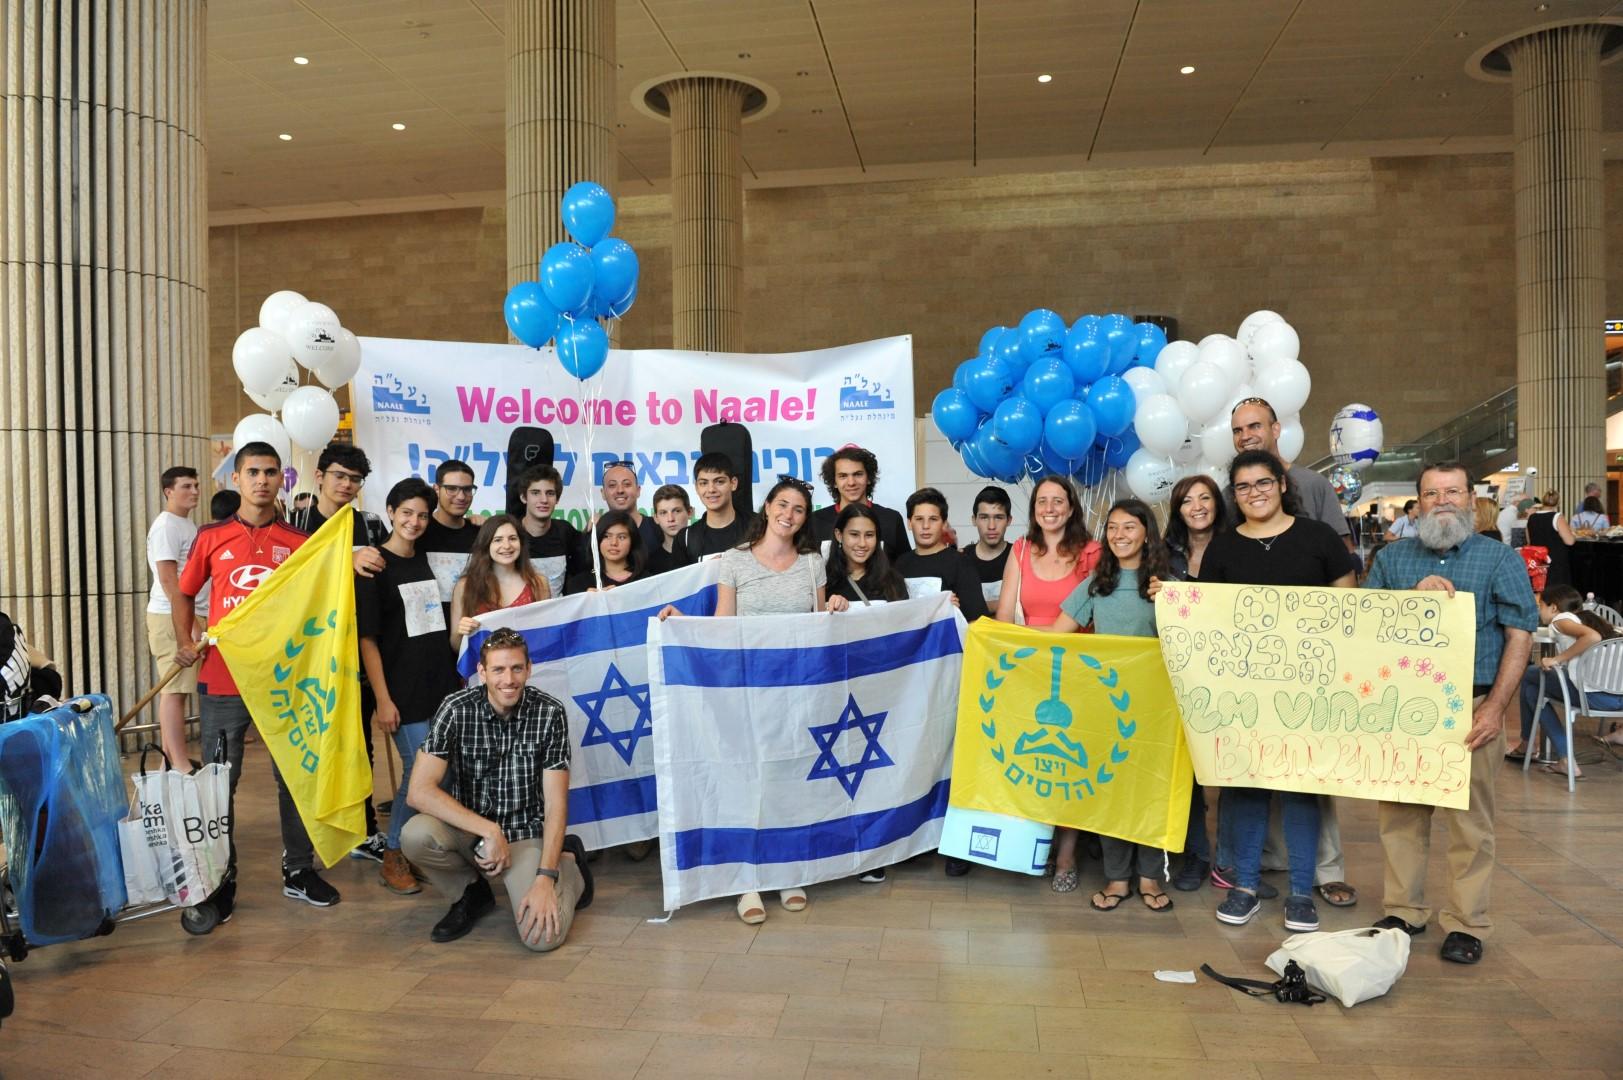 תמונה קבוצתית של בני נוער בתכנית